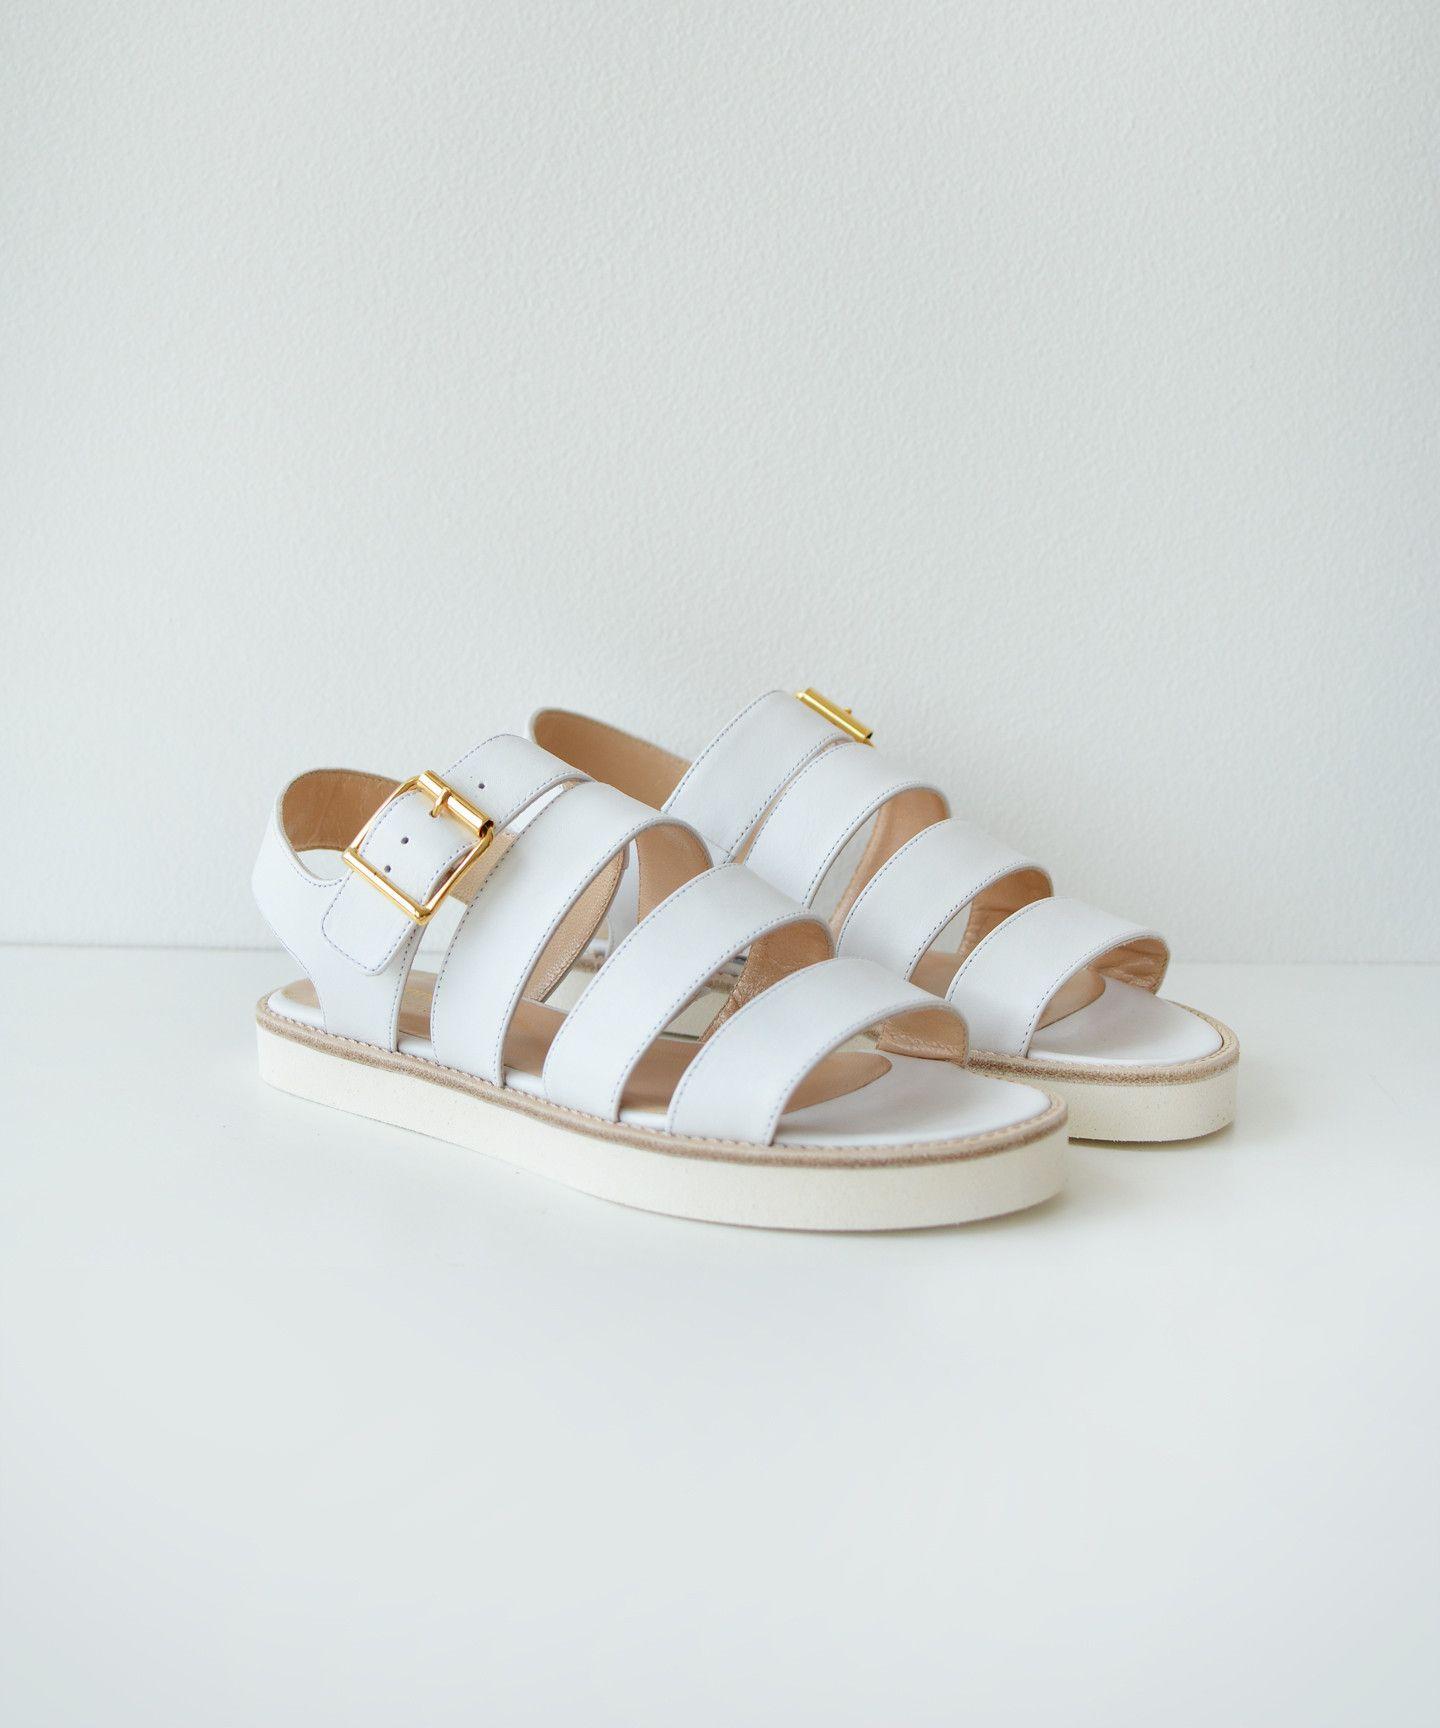 anne thomas kyoto sandal shoes pinterest zapatos On adolfo dominguez kyoto